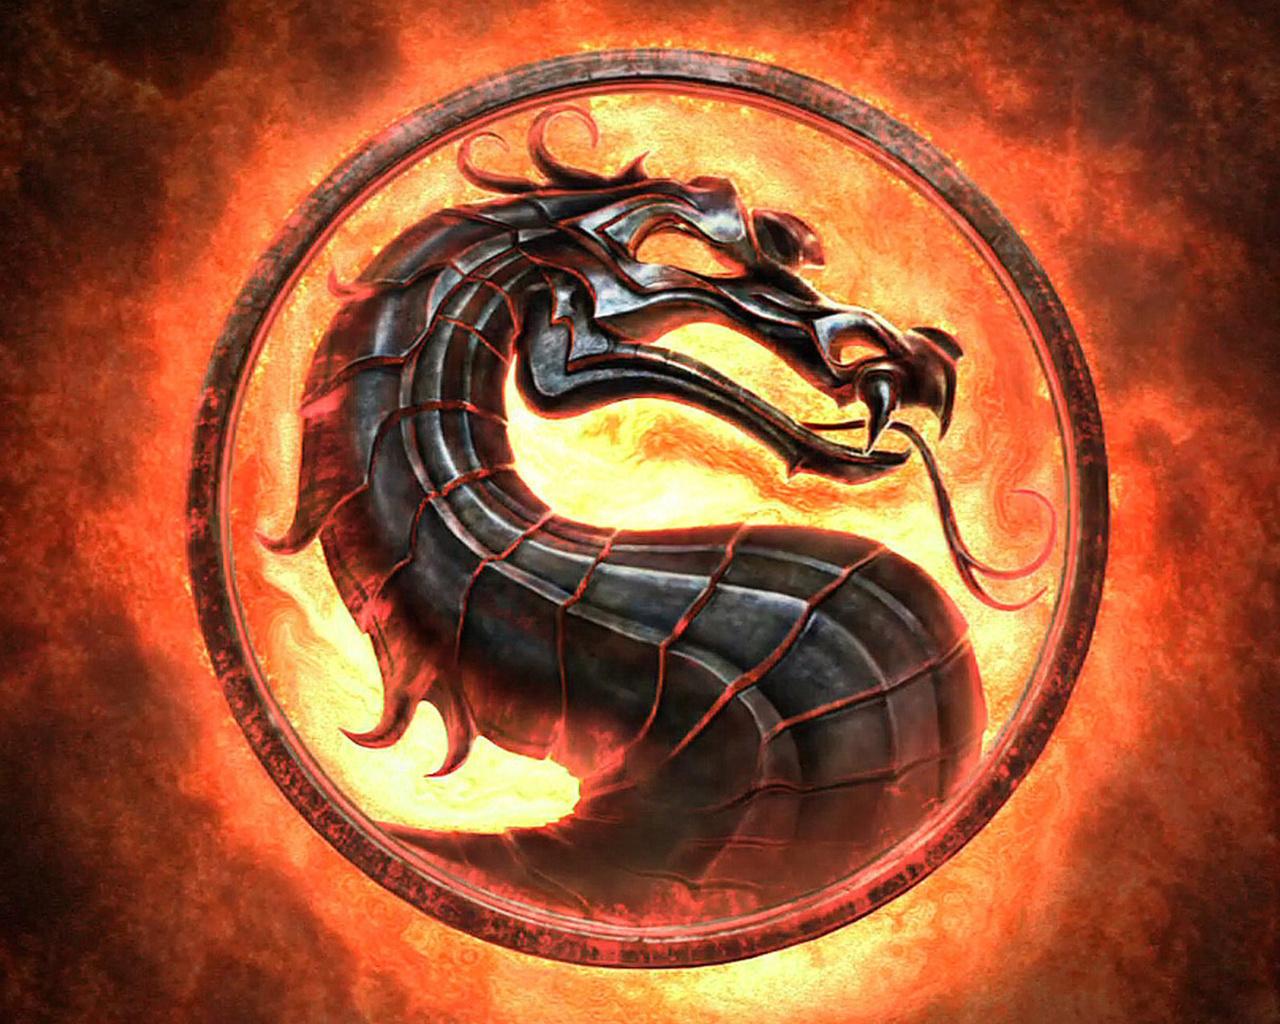 16515 скачать обои Игры, Логотипы, Драконы, Огонь, Мортал Комбат (Mortal Kombat) - заставки и картинки бесплатно